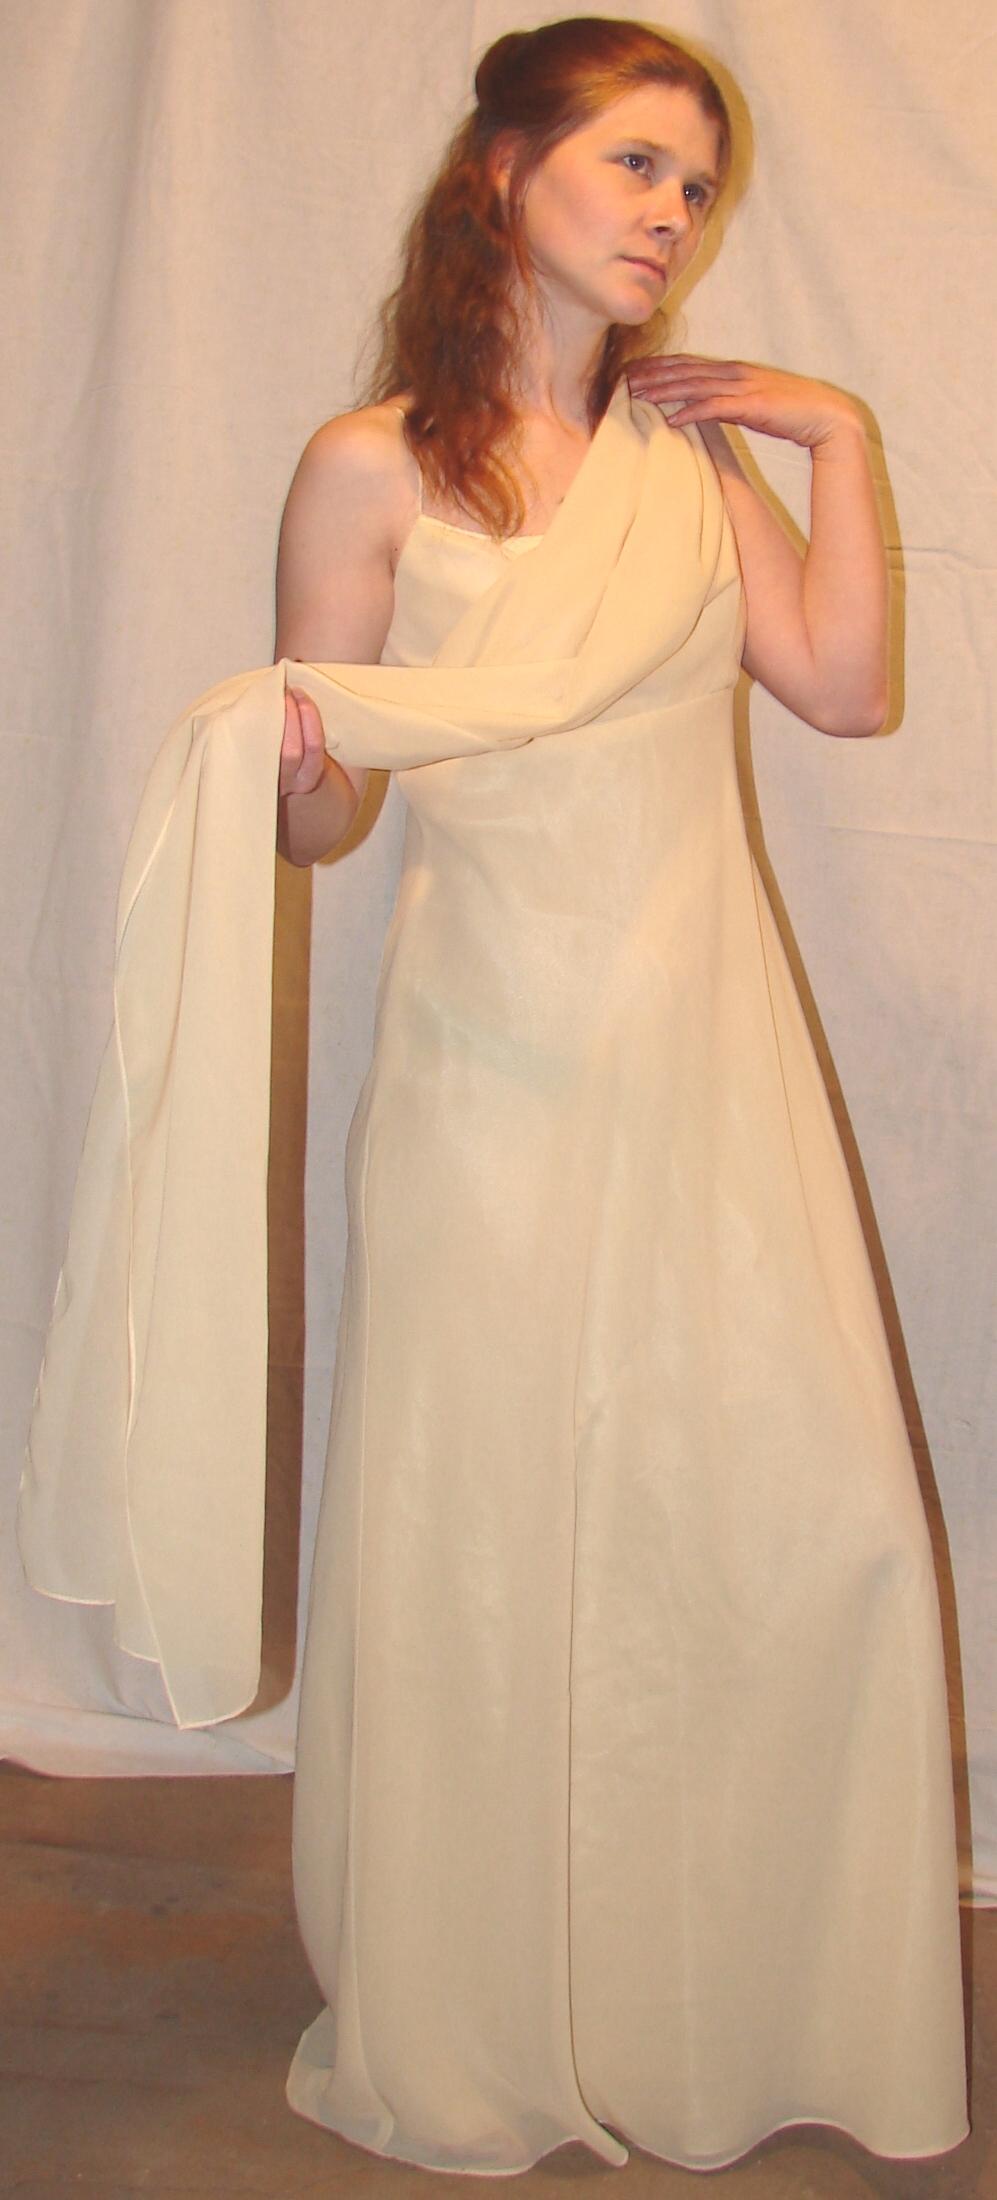 Jodi Yellow Gown Enchantress 7 by FantasyStock